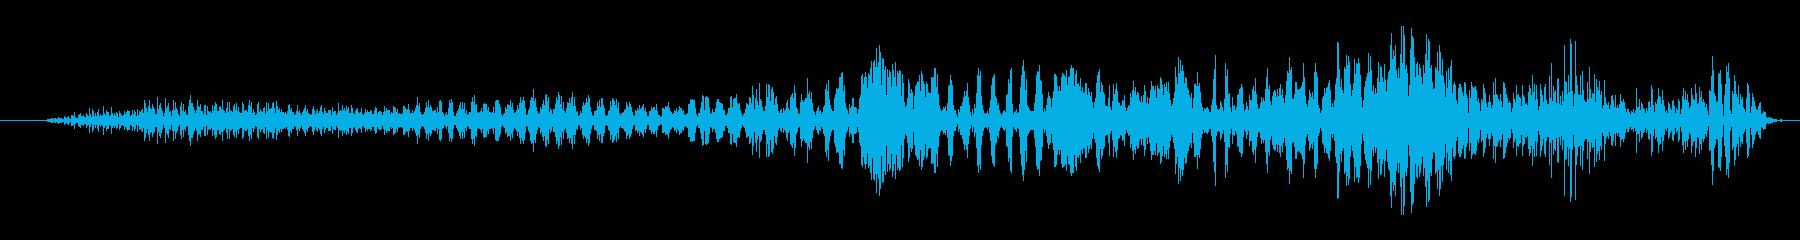 ゾンビ ヒューマンチェンジ04の再生済みの波形